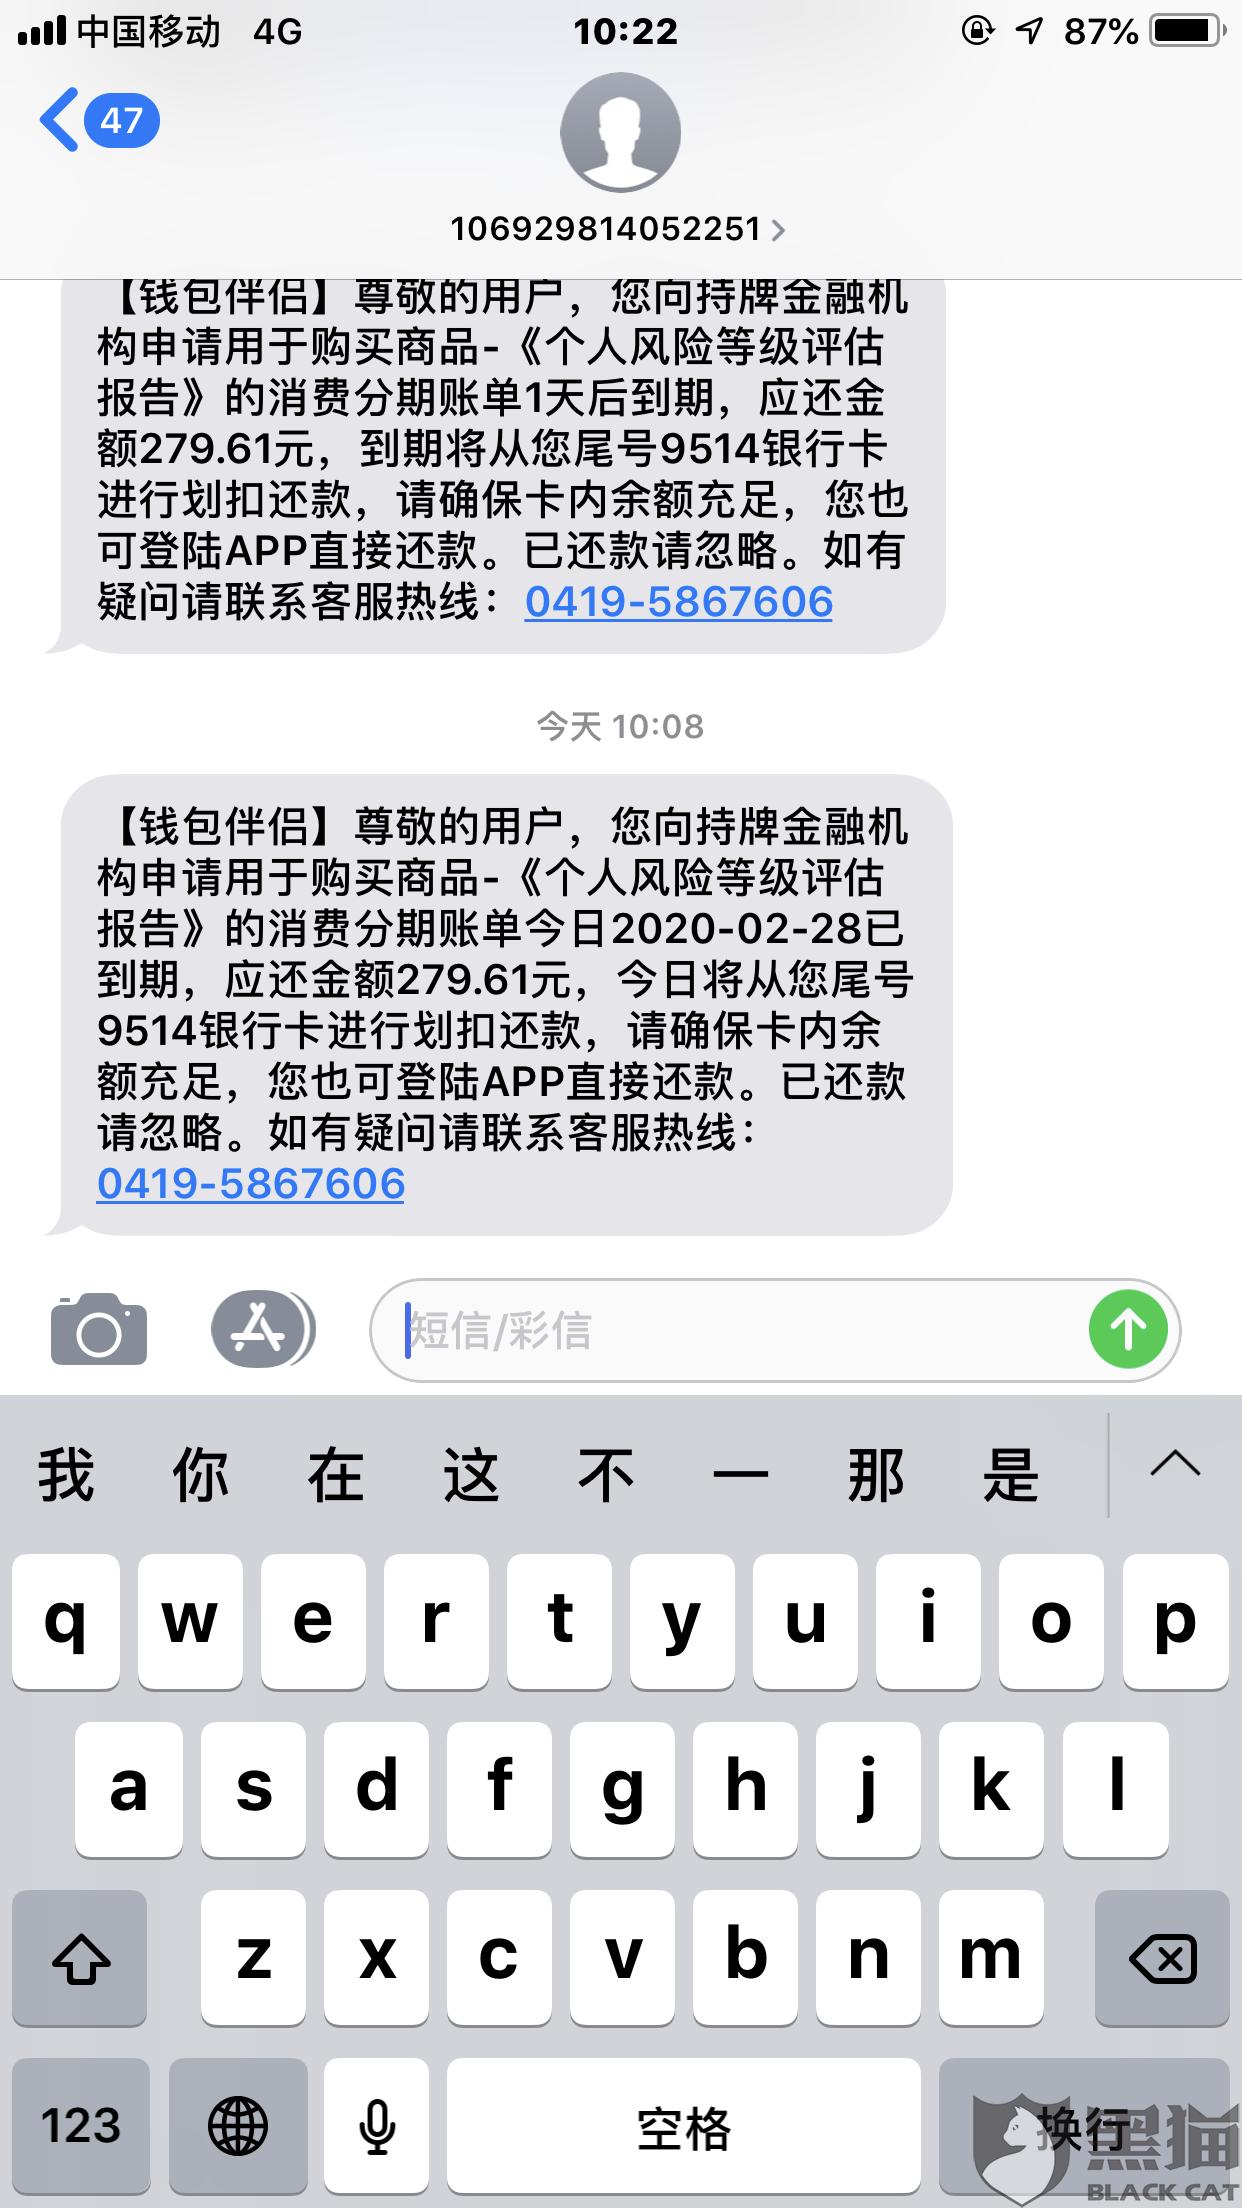 黑猫投诉:投诉上海米萤商务的钱包伴侣虚假宣传恶意扣款